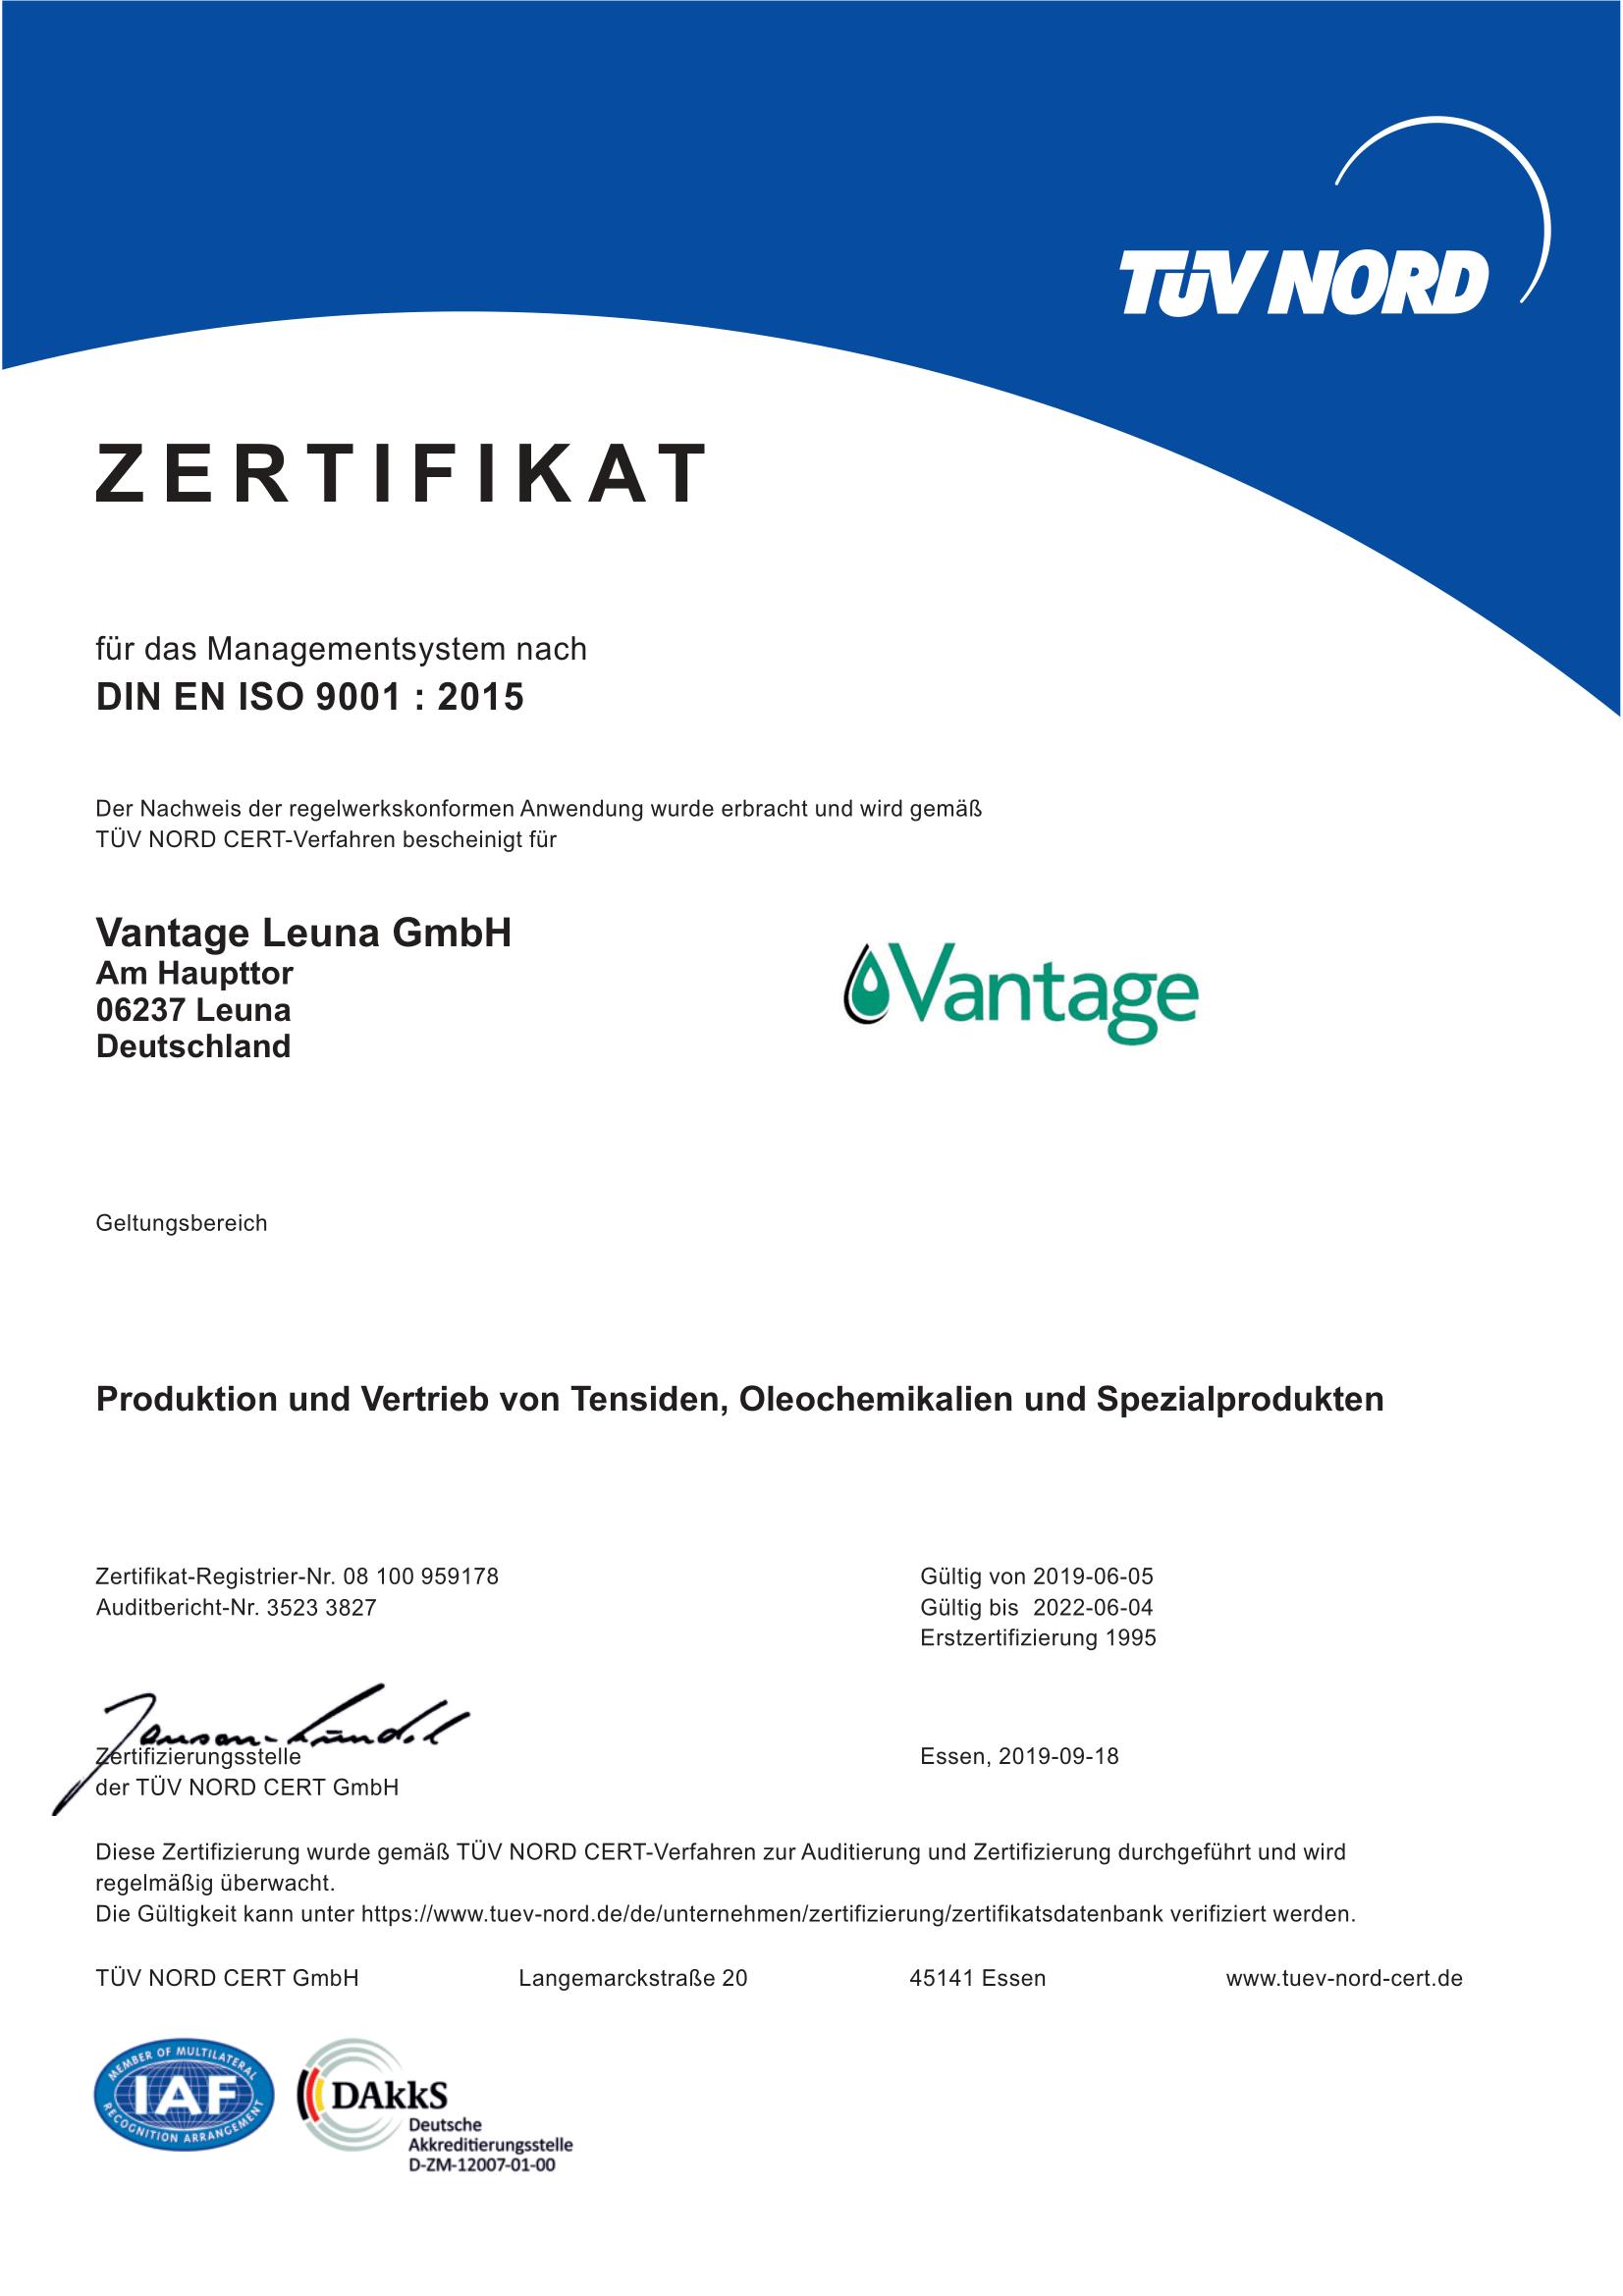 959178 Vantage Leuna GmbH 9001 de-1